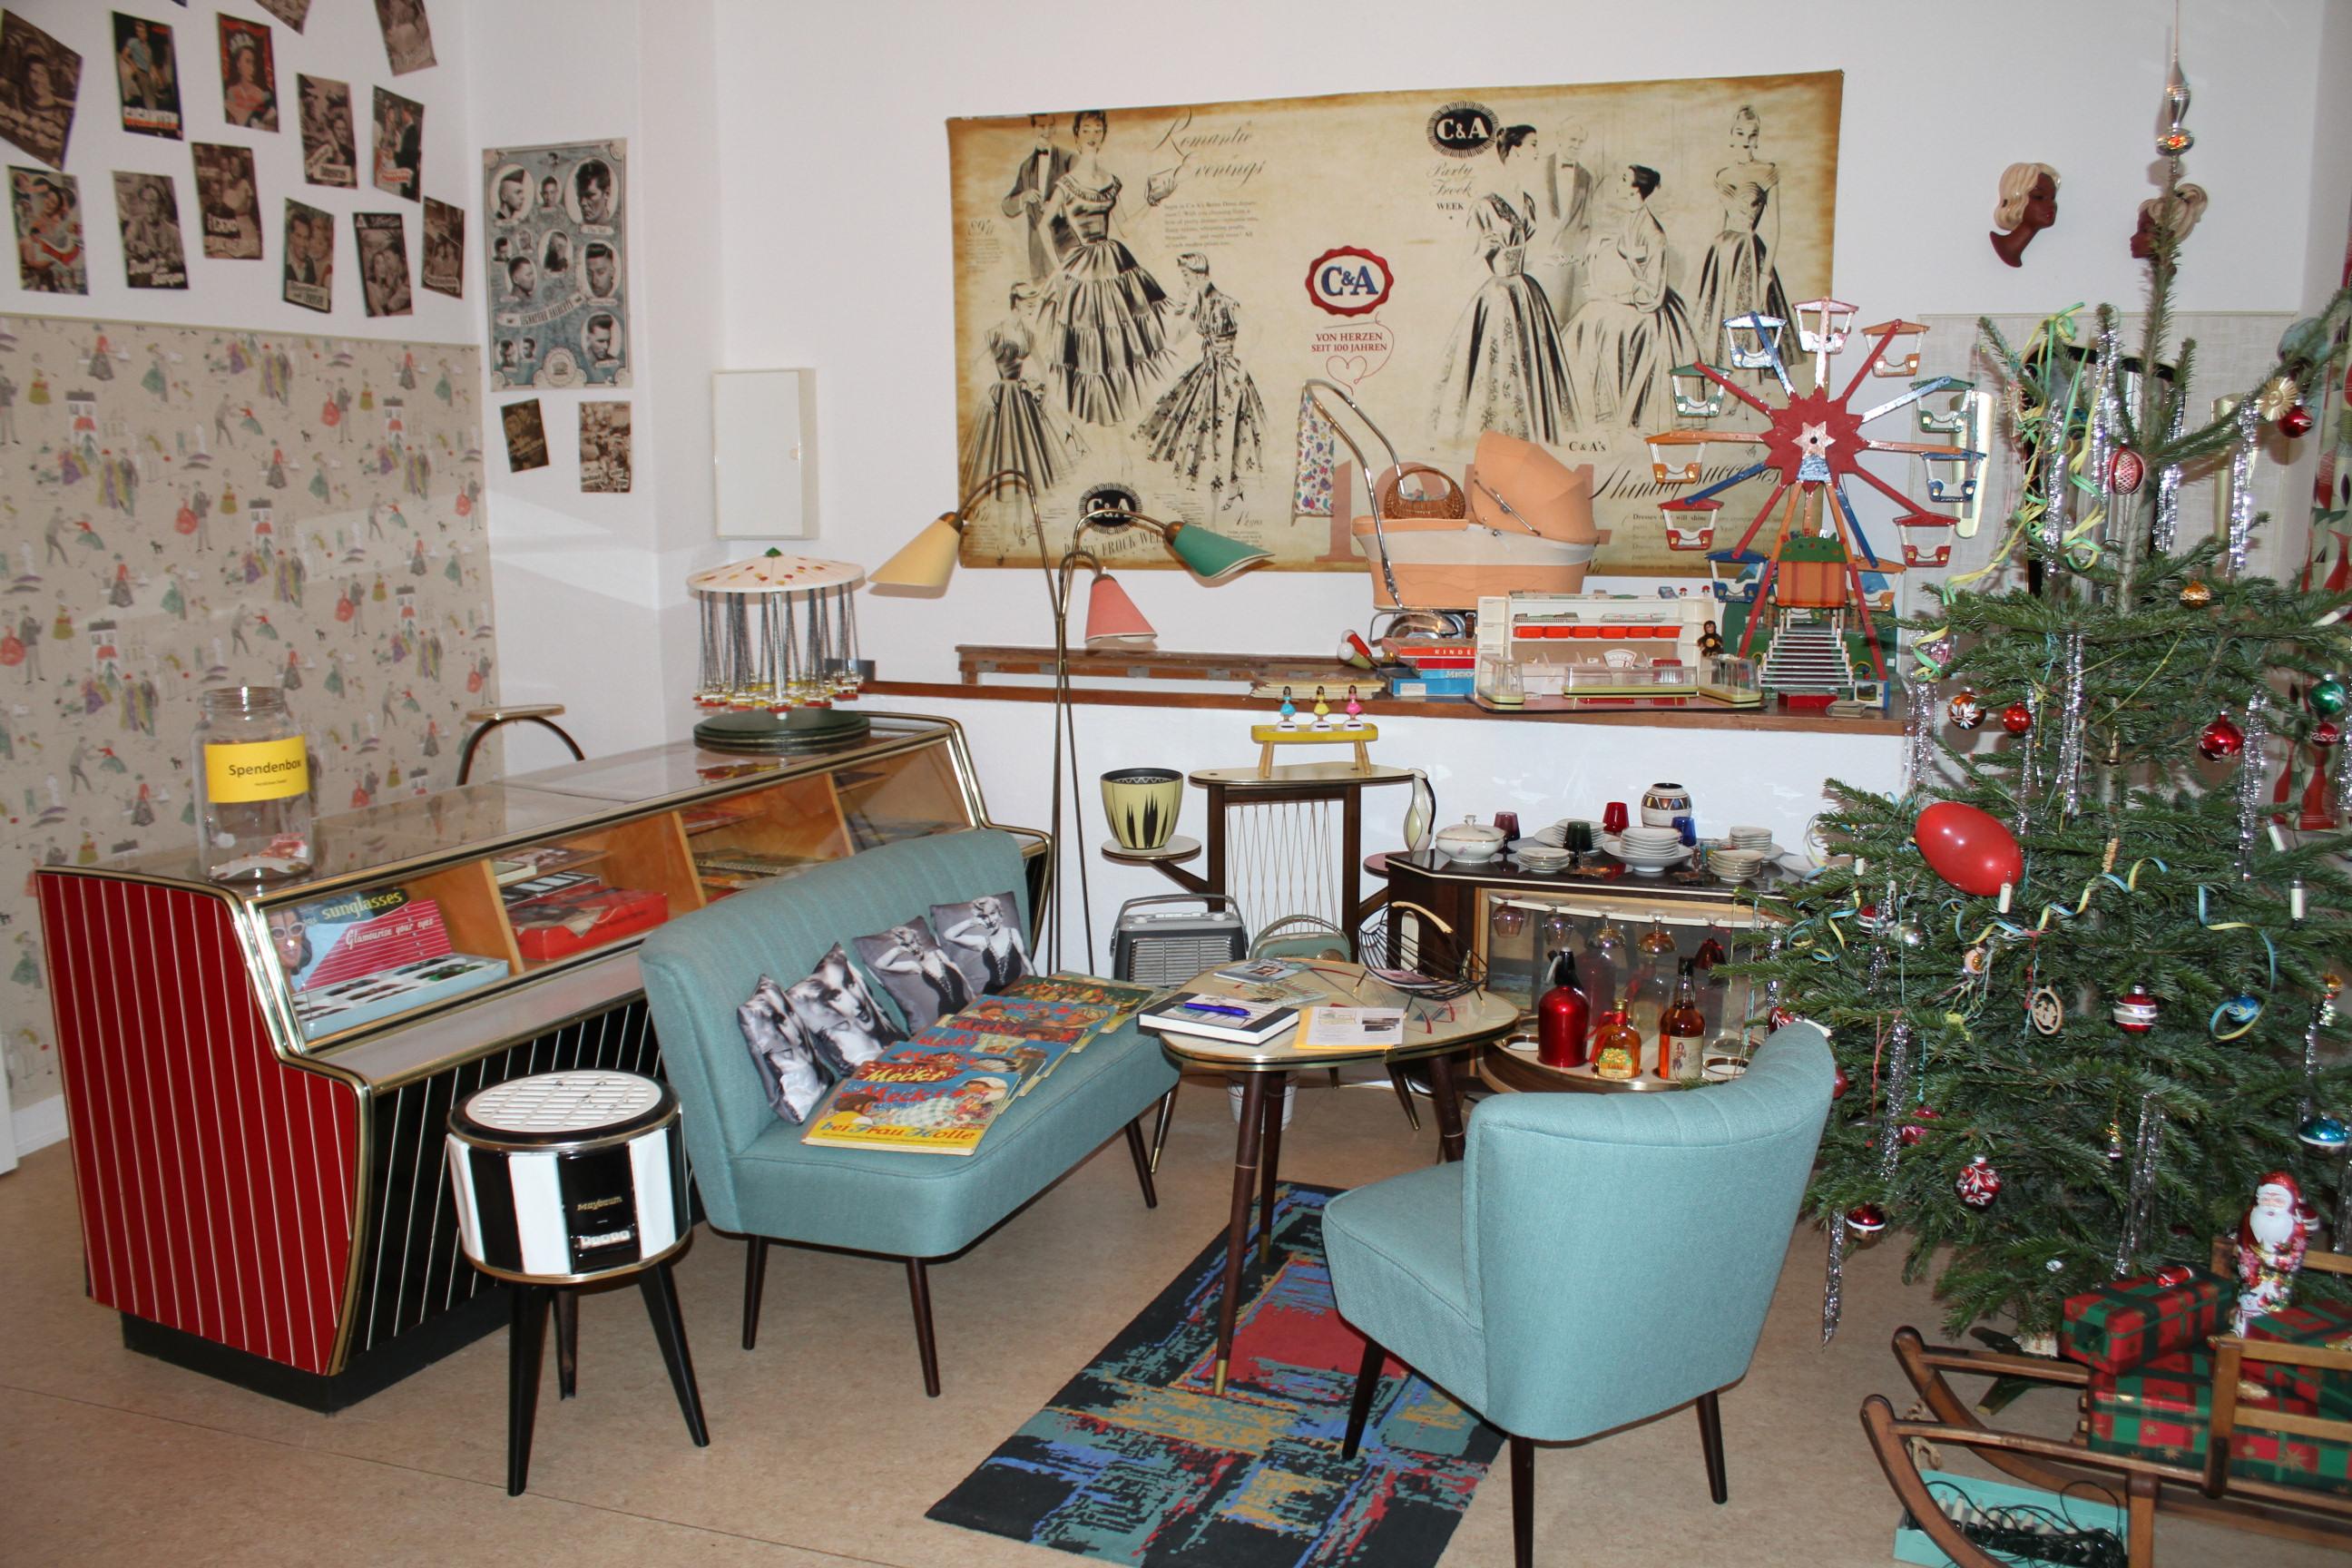 liebevolle authentische Ausstellung über die 50er Jahre in Hamburg ...